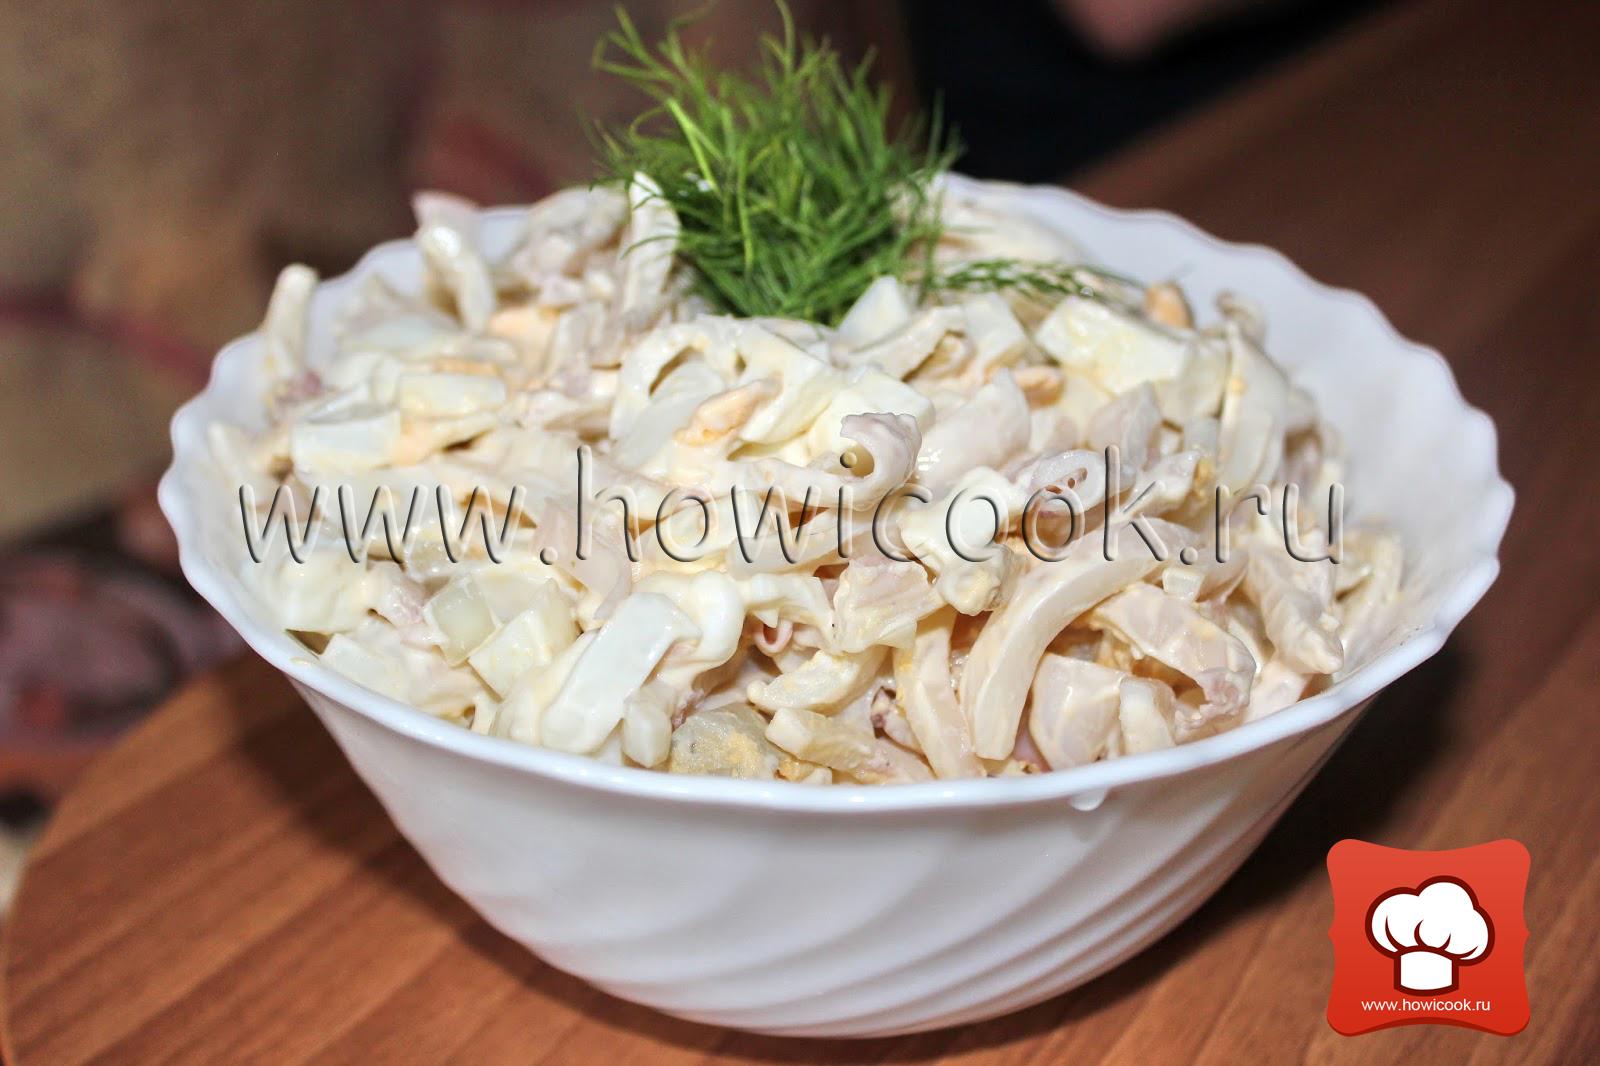 Салаты с консервированными кальмарами рецепты пошагово